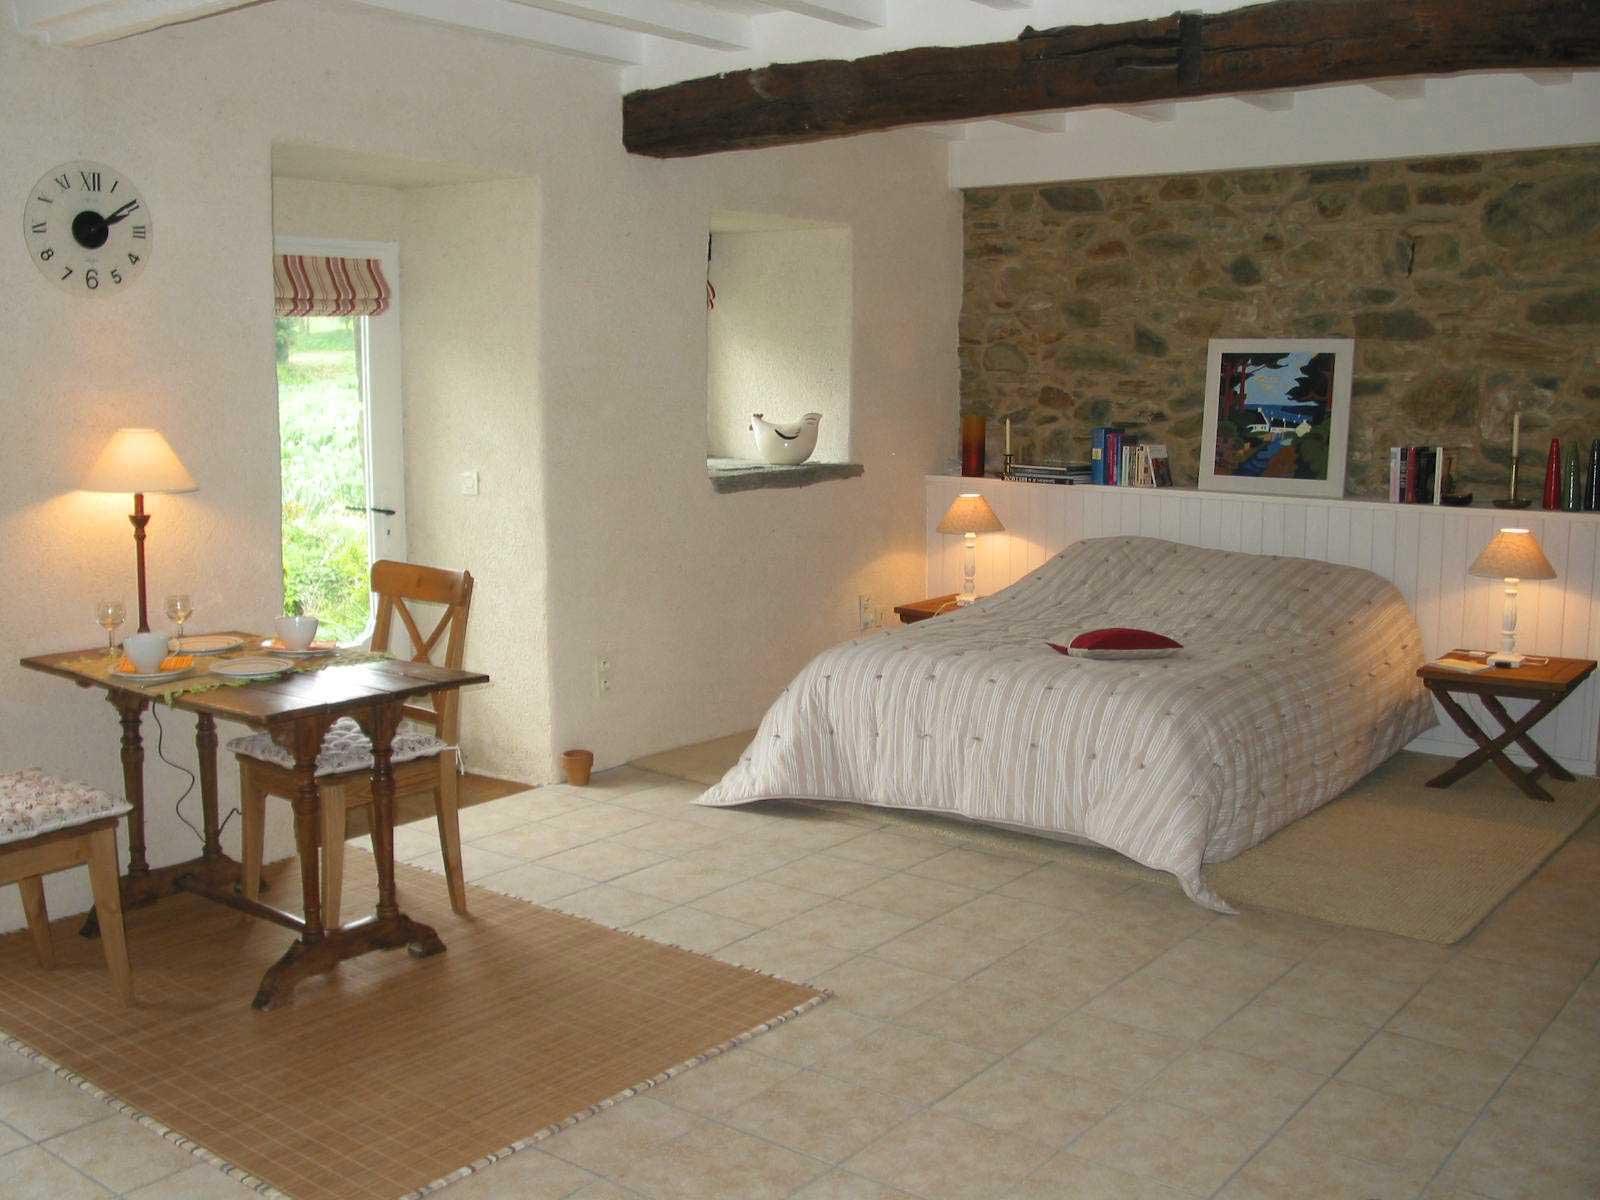 qu est ce qu une chambre d h te louer chambre d 39 hotes. Black Bedroom Furniture Sets. Home Design Ideas